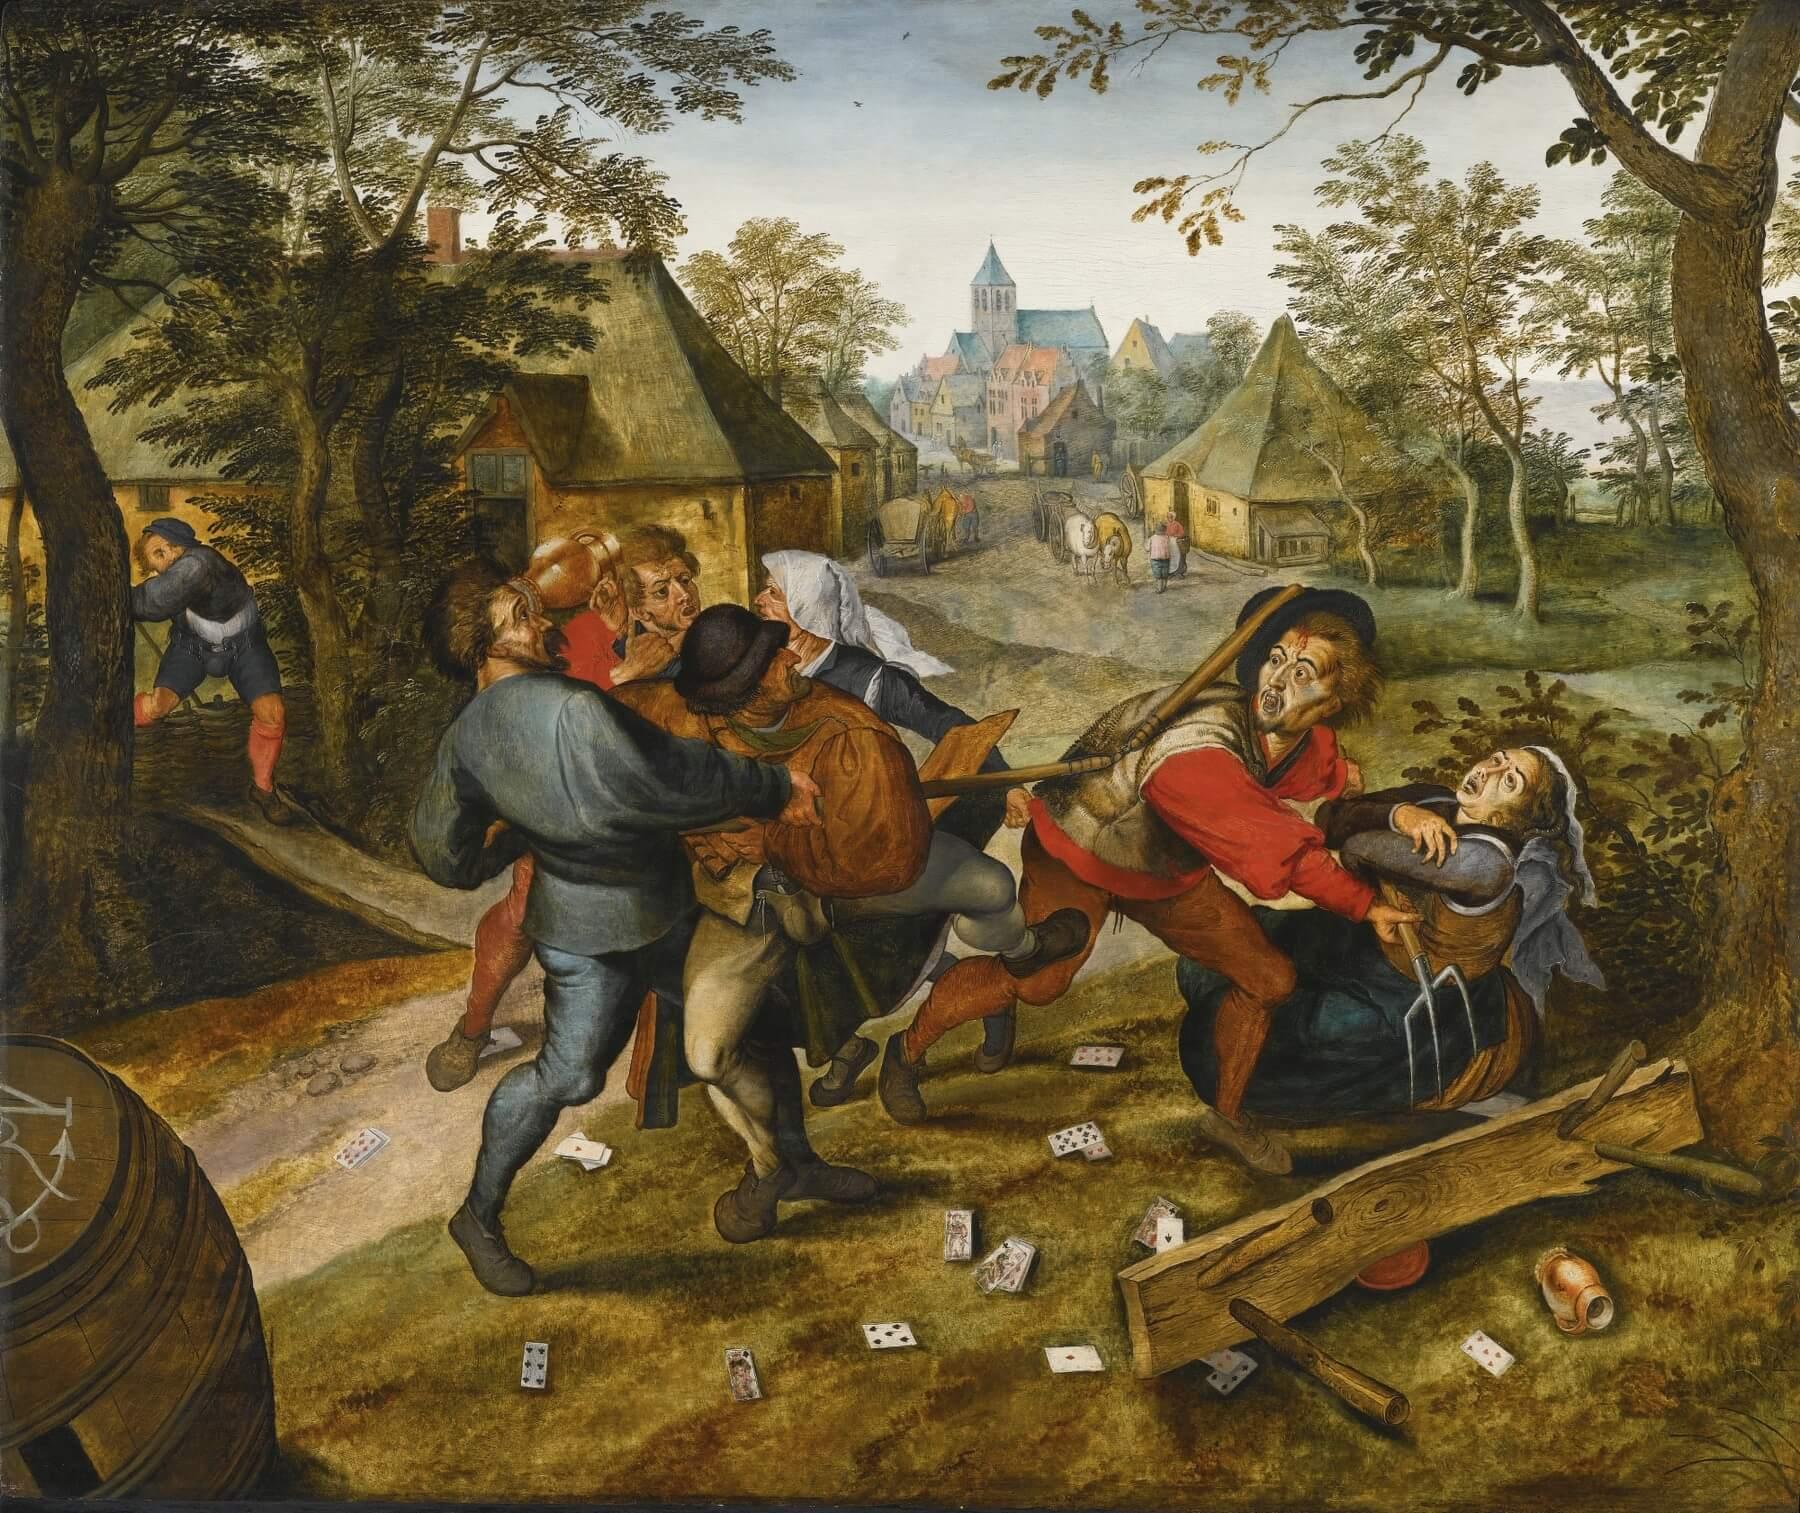 Pieter Brueghel de jonge.Correspondentie Charles Baudelaire :  Brussel, België. Aan Poulet-Malassis. Ongeveer 1 maart 1865. Vertaling correspondentie Baudelaire, Vivienne Stringa